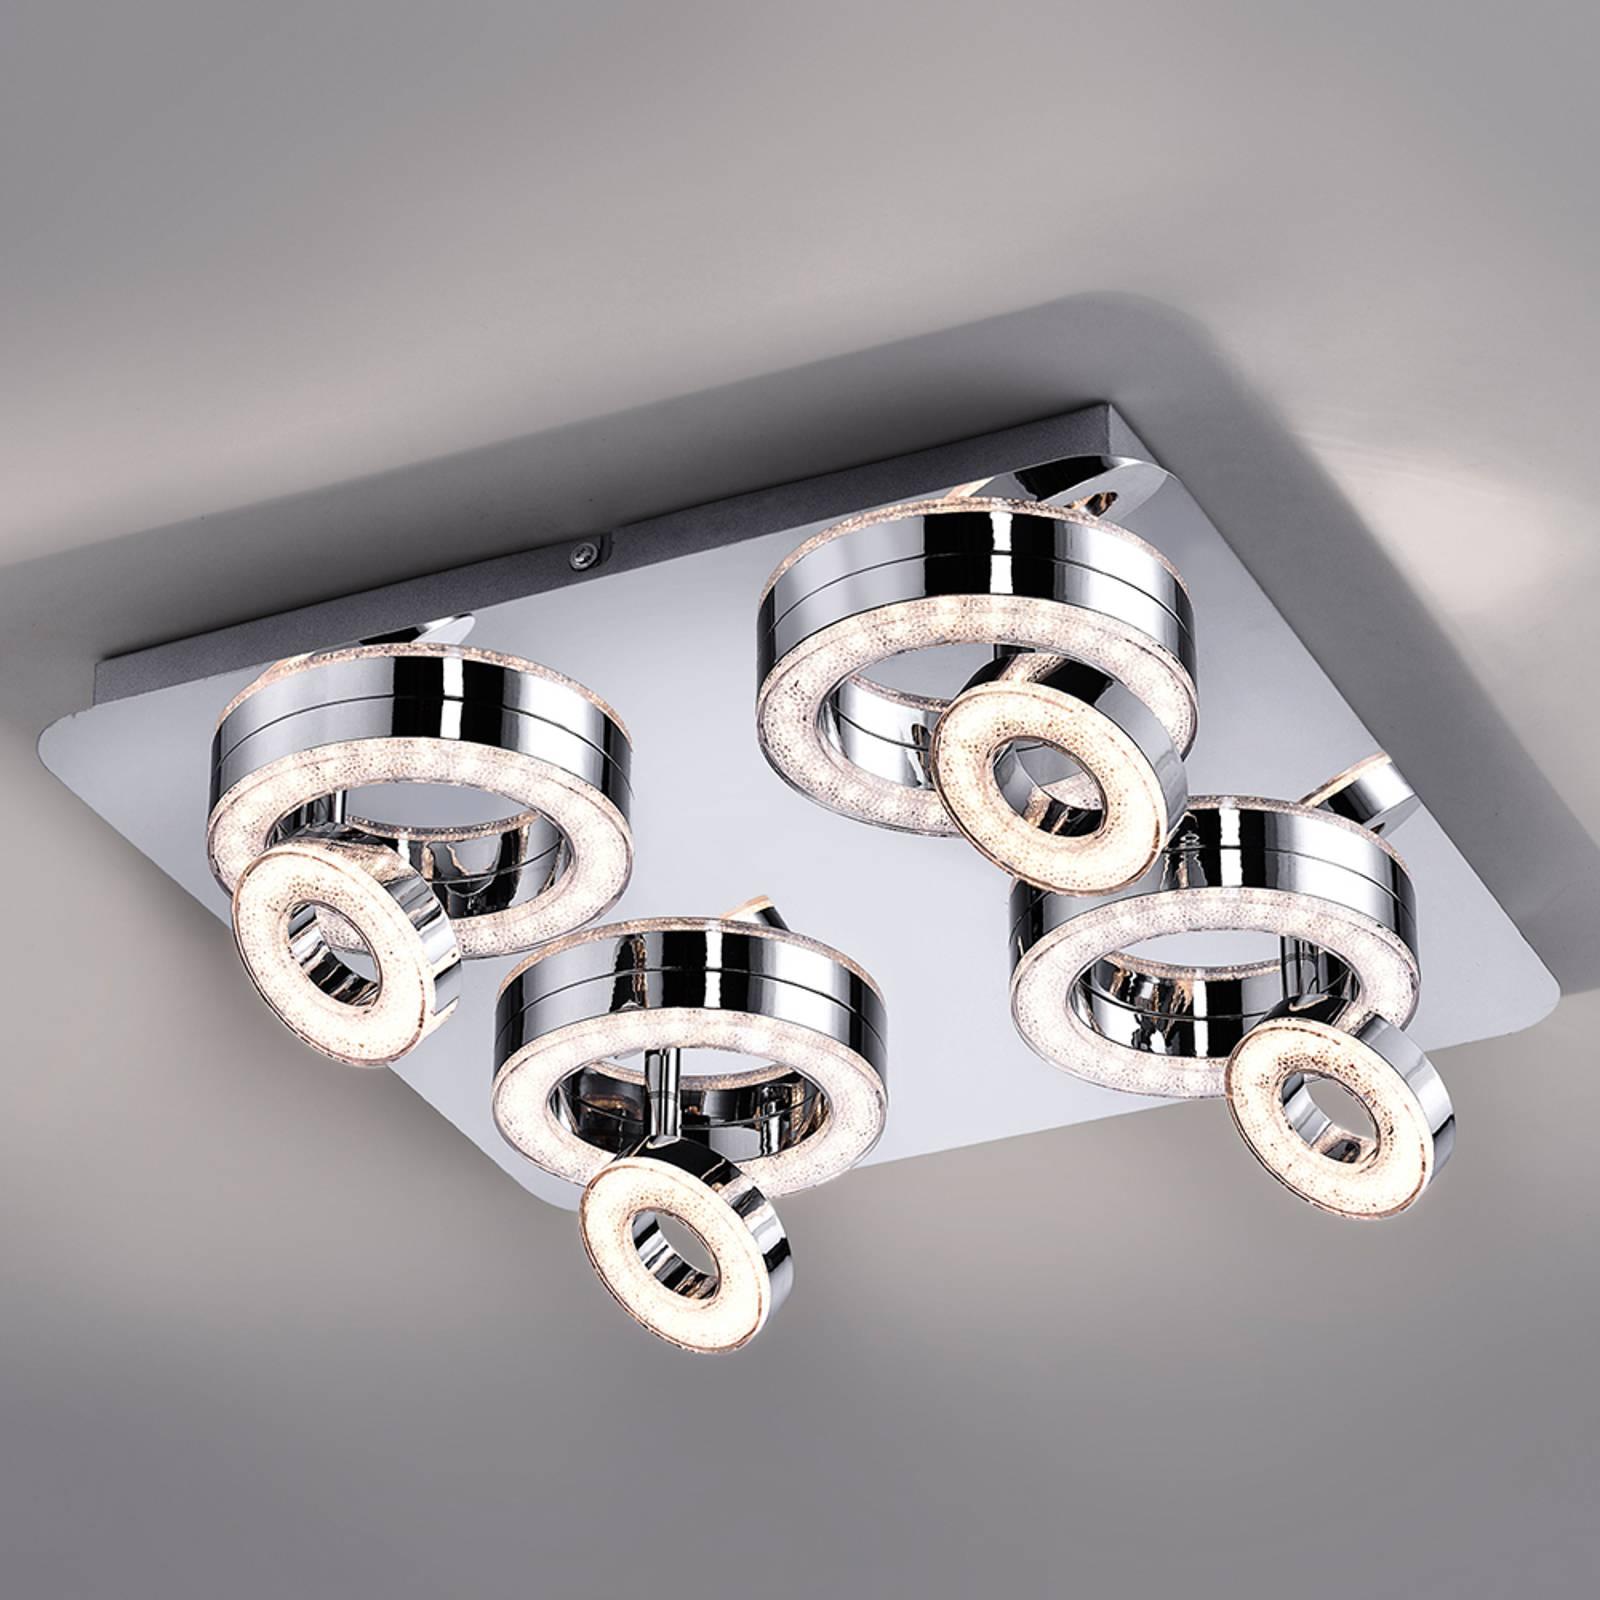 Lampa sufitowa LED Tim z 8 pierścieniami